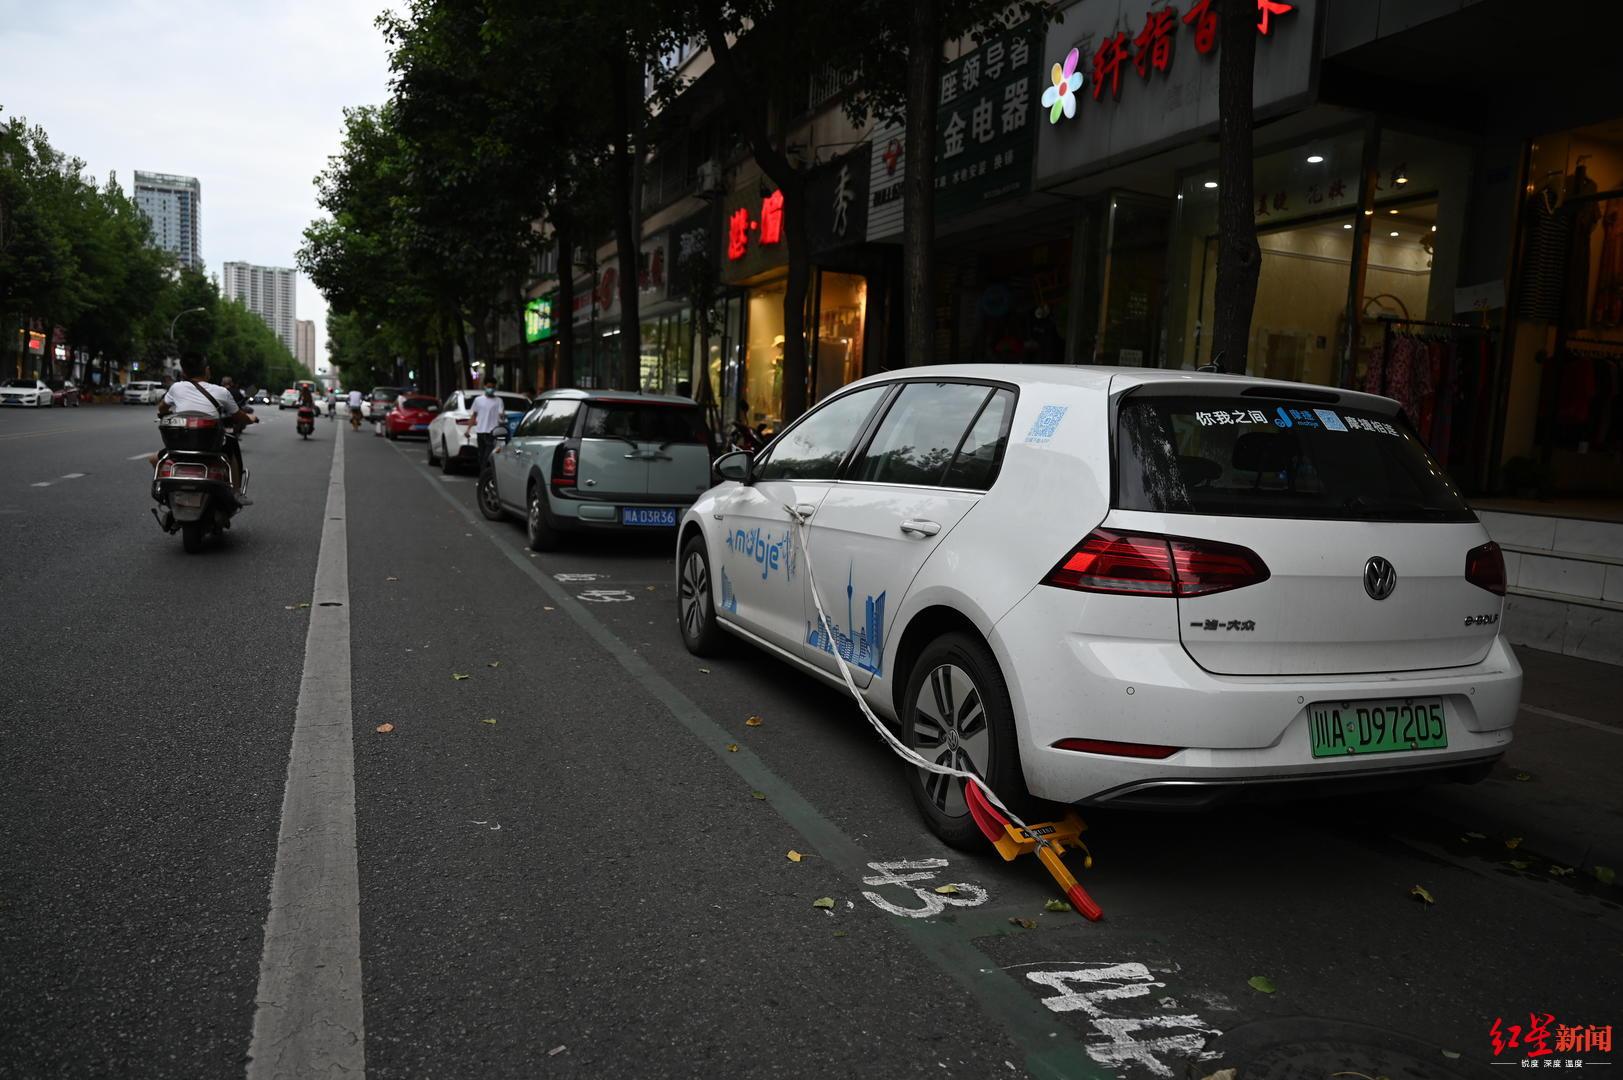 共享汽车长期占据临时占道停车场 乘客开走还要先垫付停车费